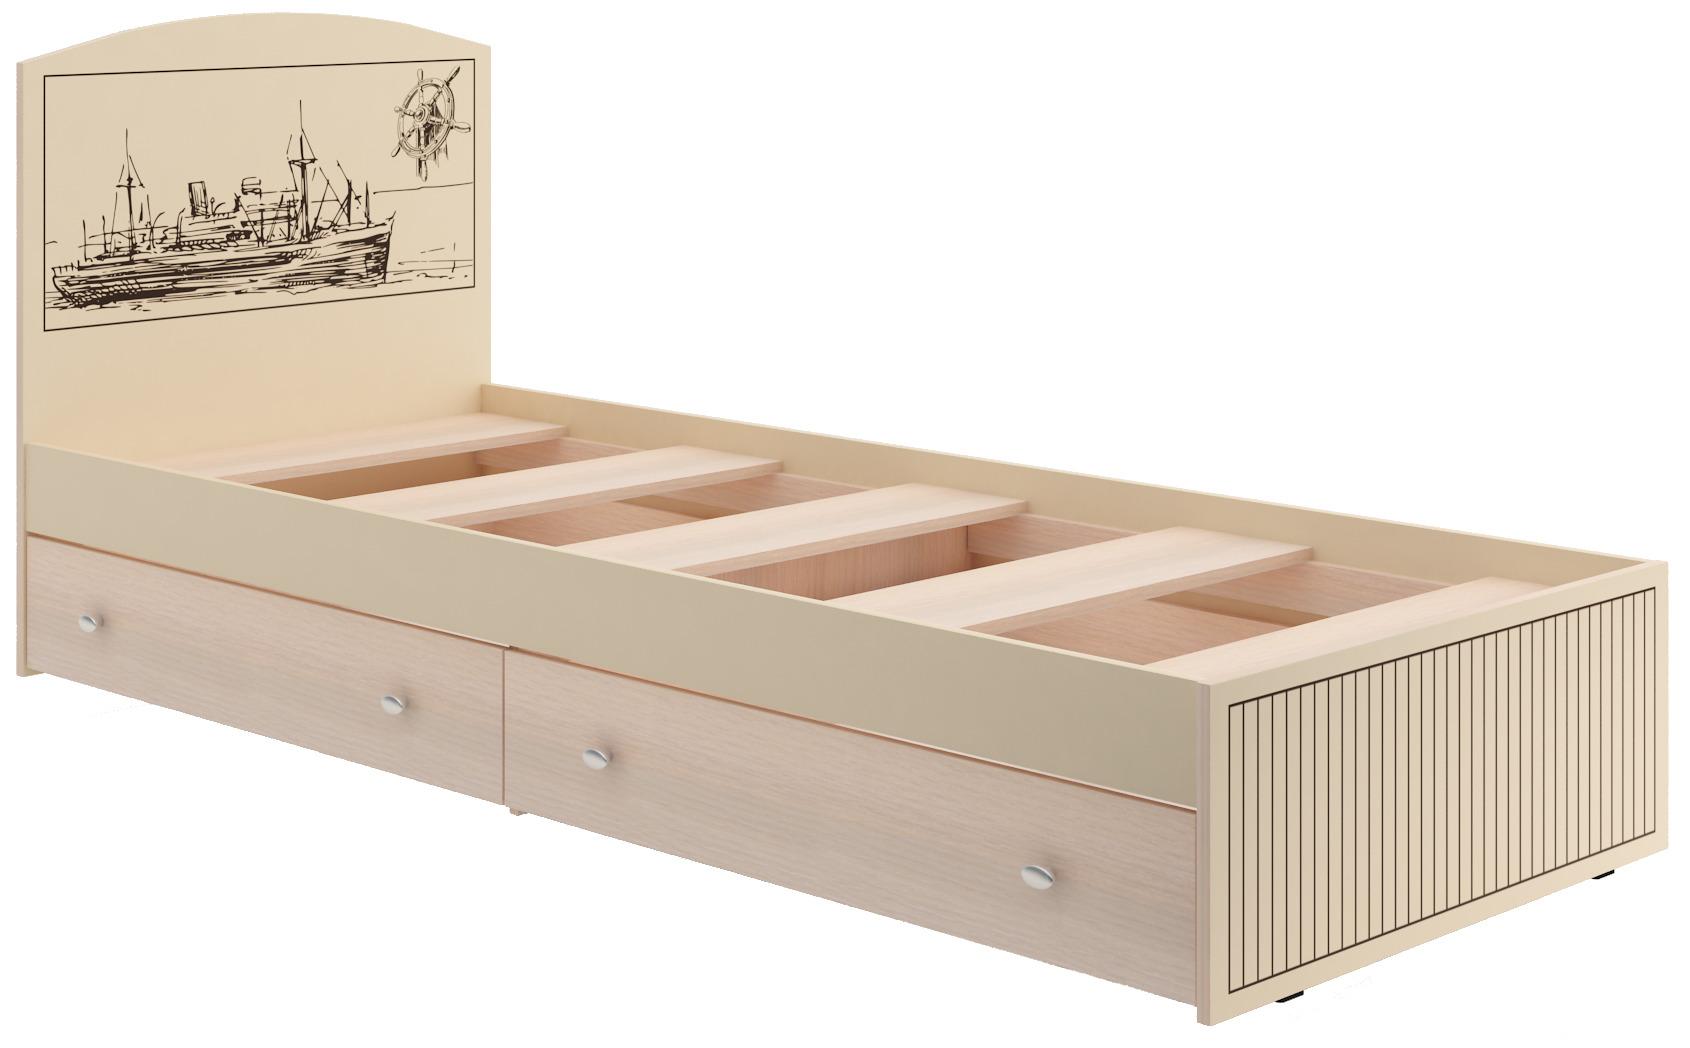 Кровать КР-26 МаякКровати одноярусные<br><br><br>Длина мм: 2030<br>Высота мм: 900<br>Глубина мм: 840